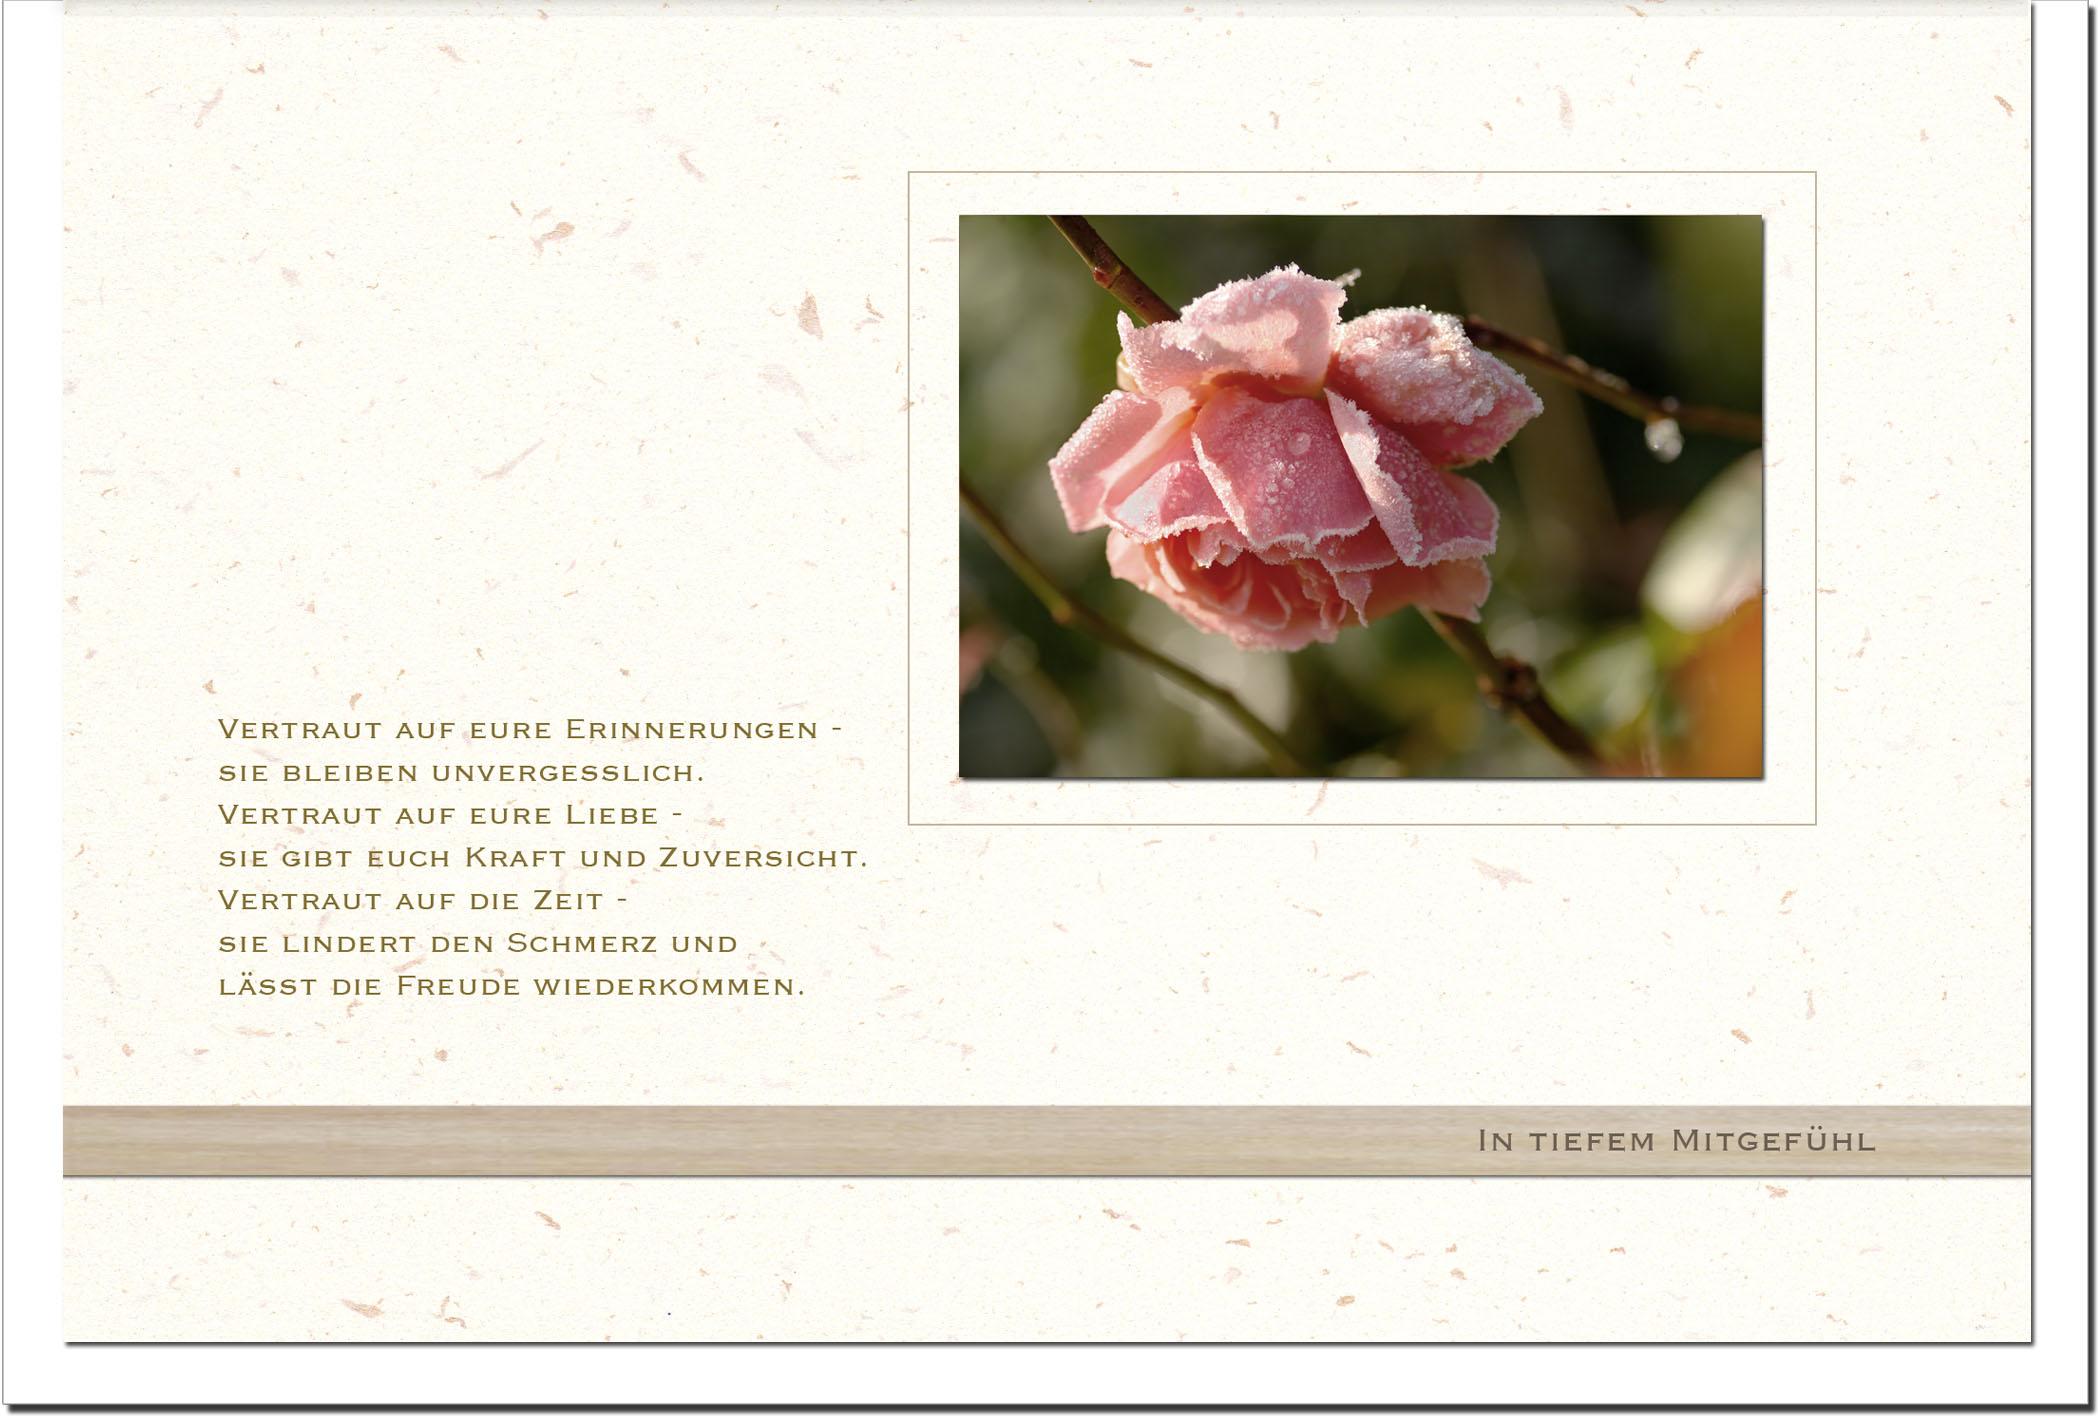 Trauerkarte ERINNERUNG | Verblühte Rose | metALUm #00569